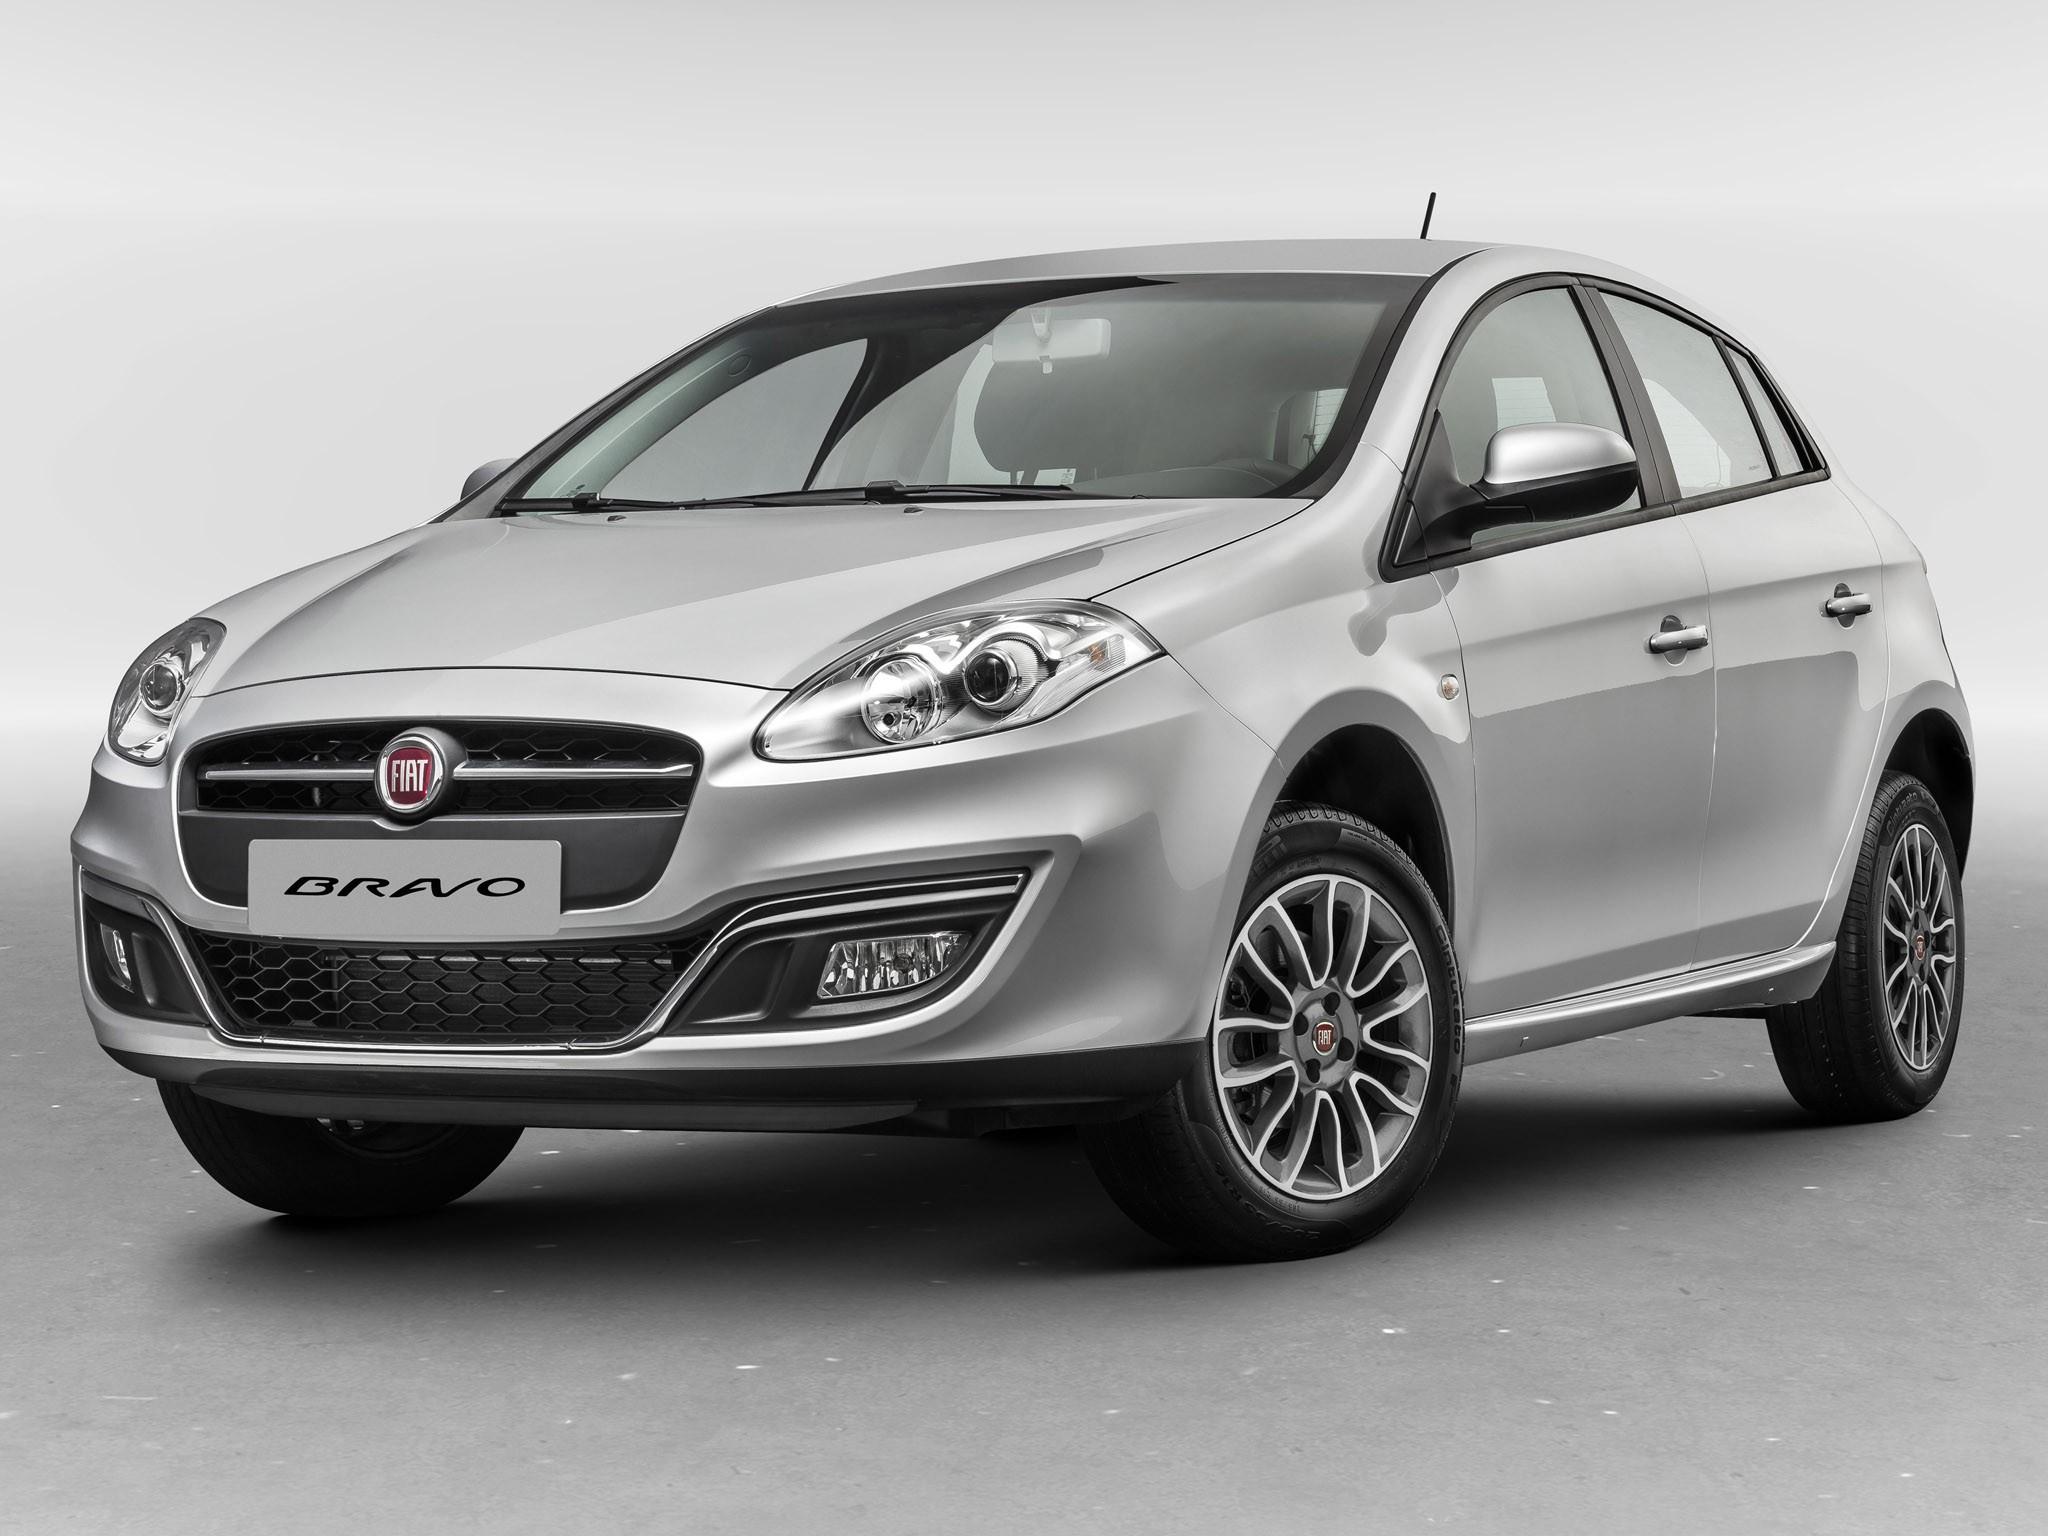 Fiat Bravo Essence 2015